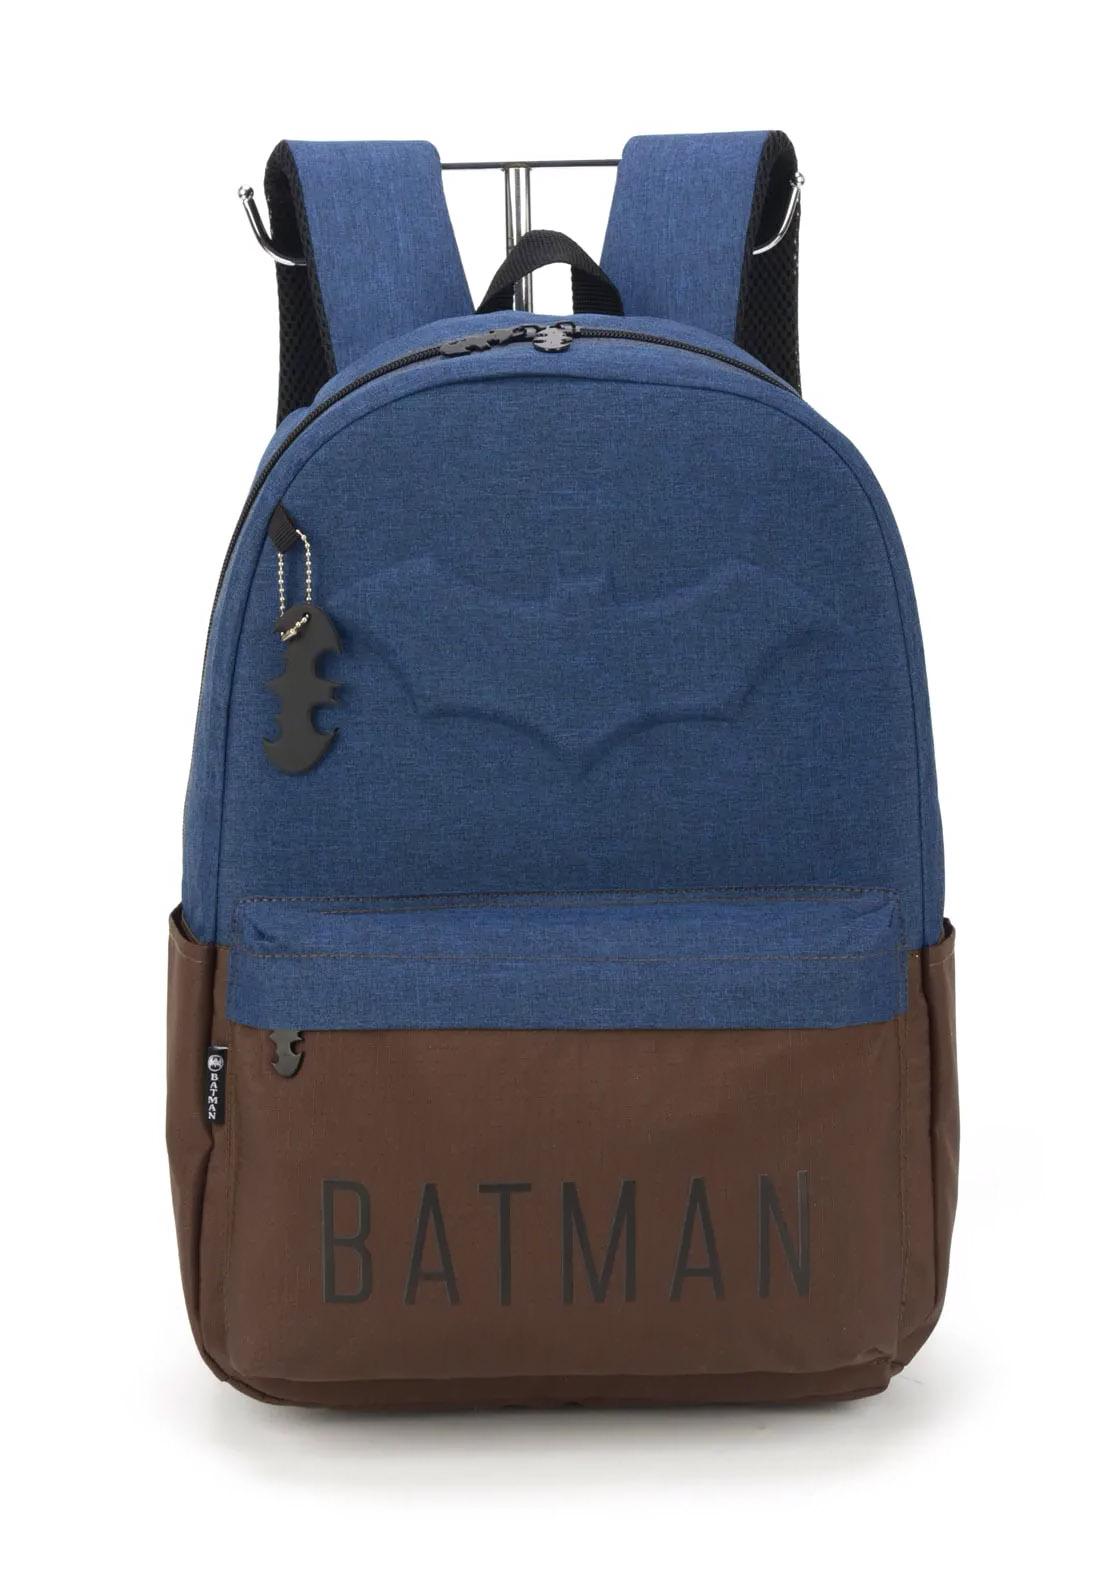 Mochila Batman AZ MJ48920BM LUXCEL